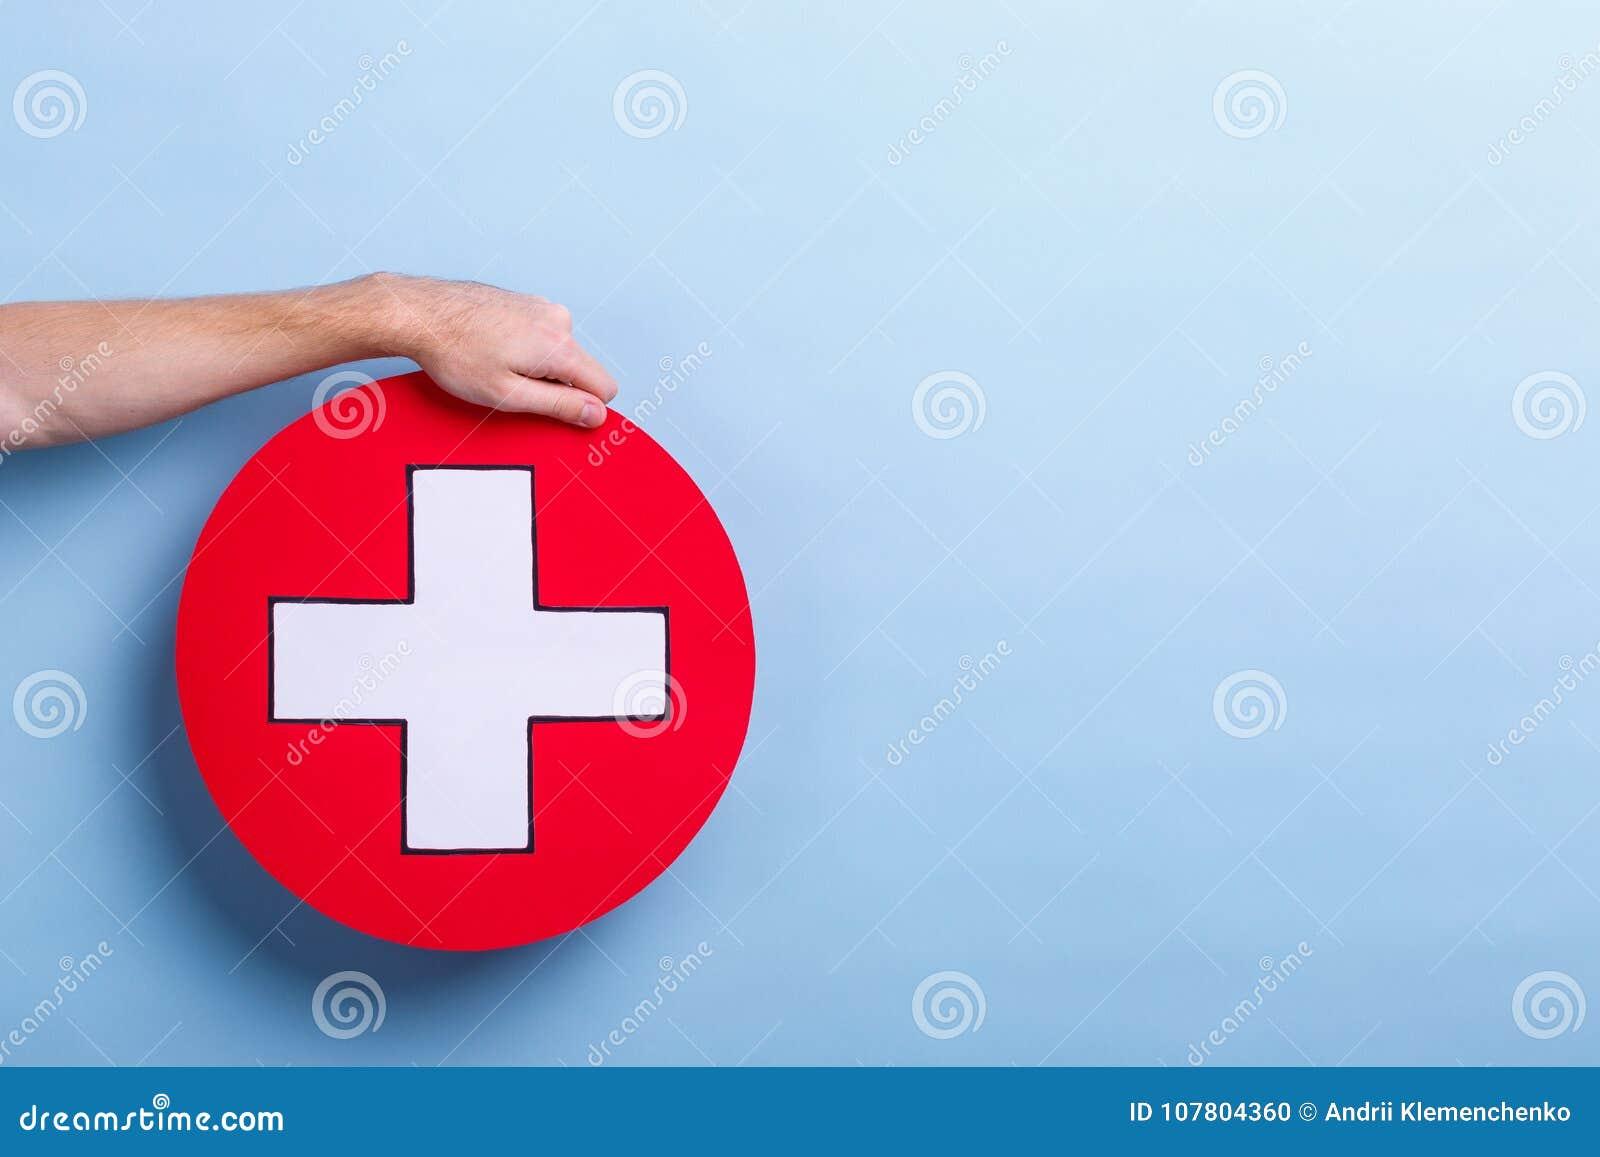 La mano de un hombre lleva a cabo una muestra médica, una cruz en un círculo Fondo azul con un lugar para una inscripción